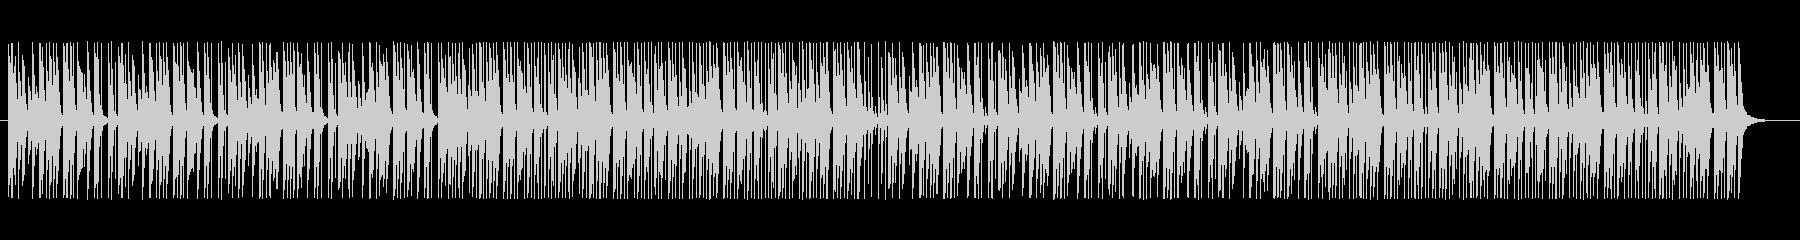 【てゆうか。】明るくはじけるピアノの未再生の波形